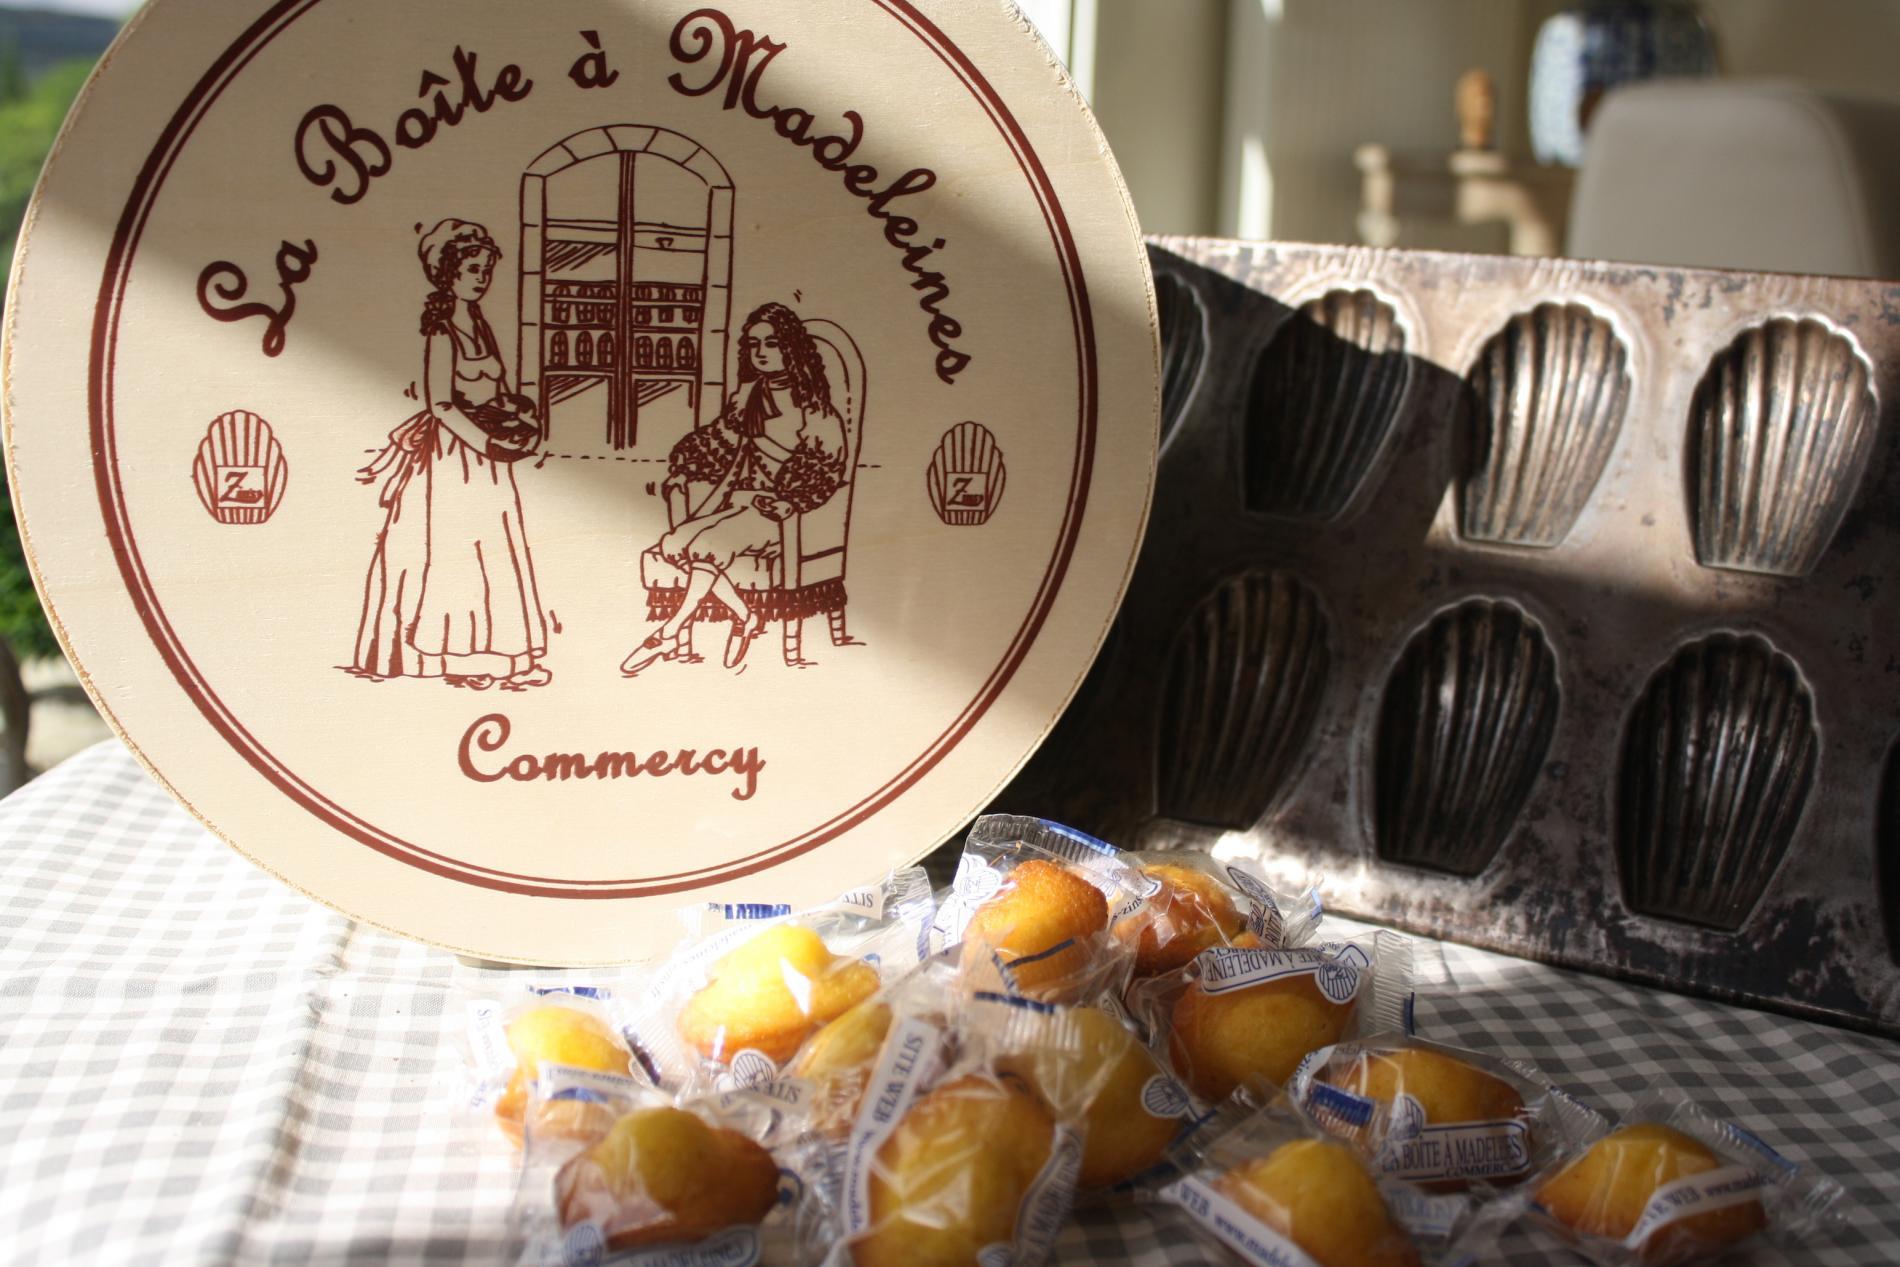 La boite à madeleines « maison ZINS »